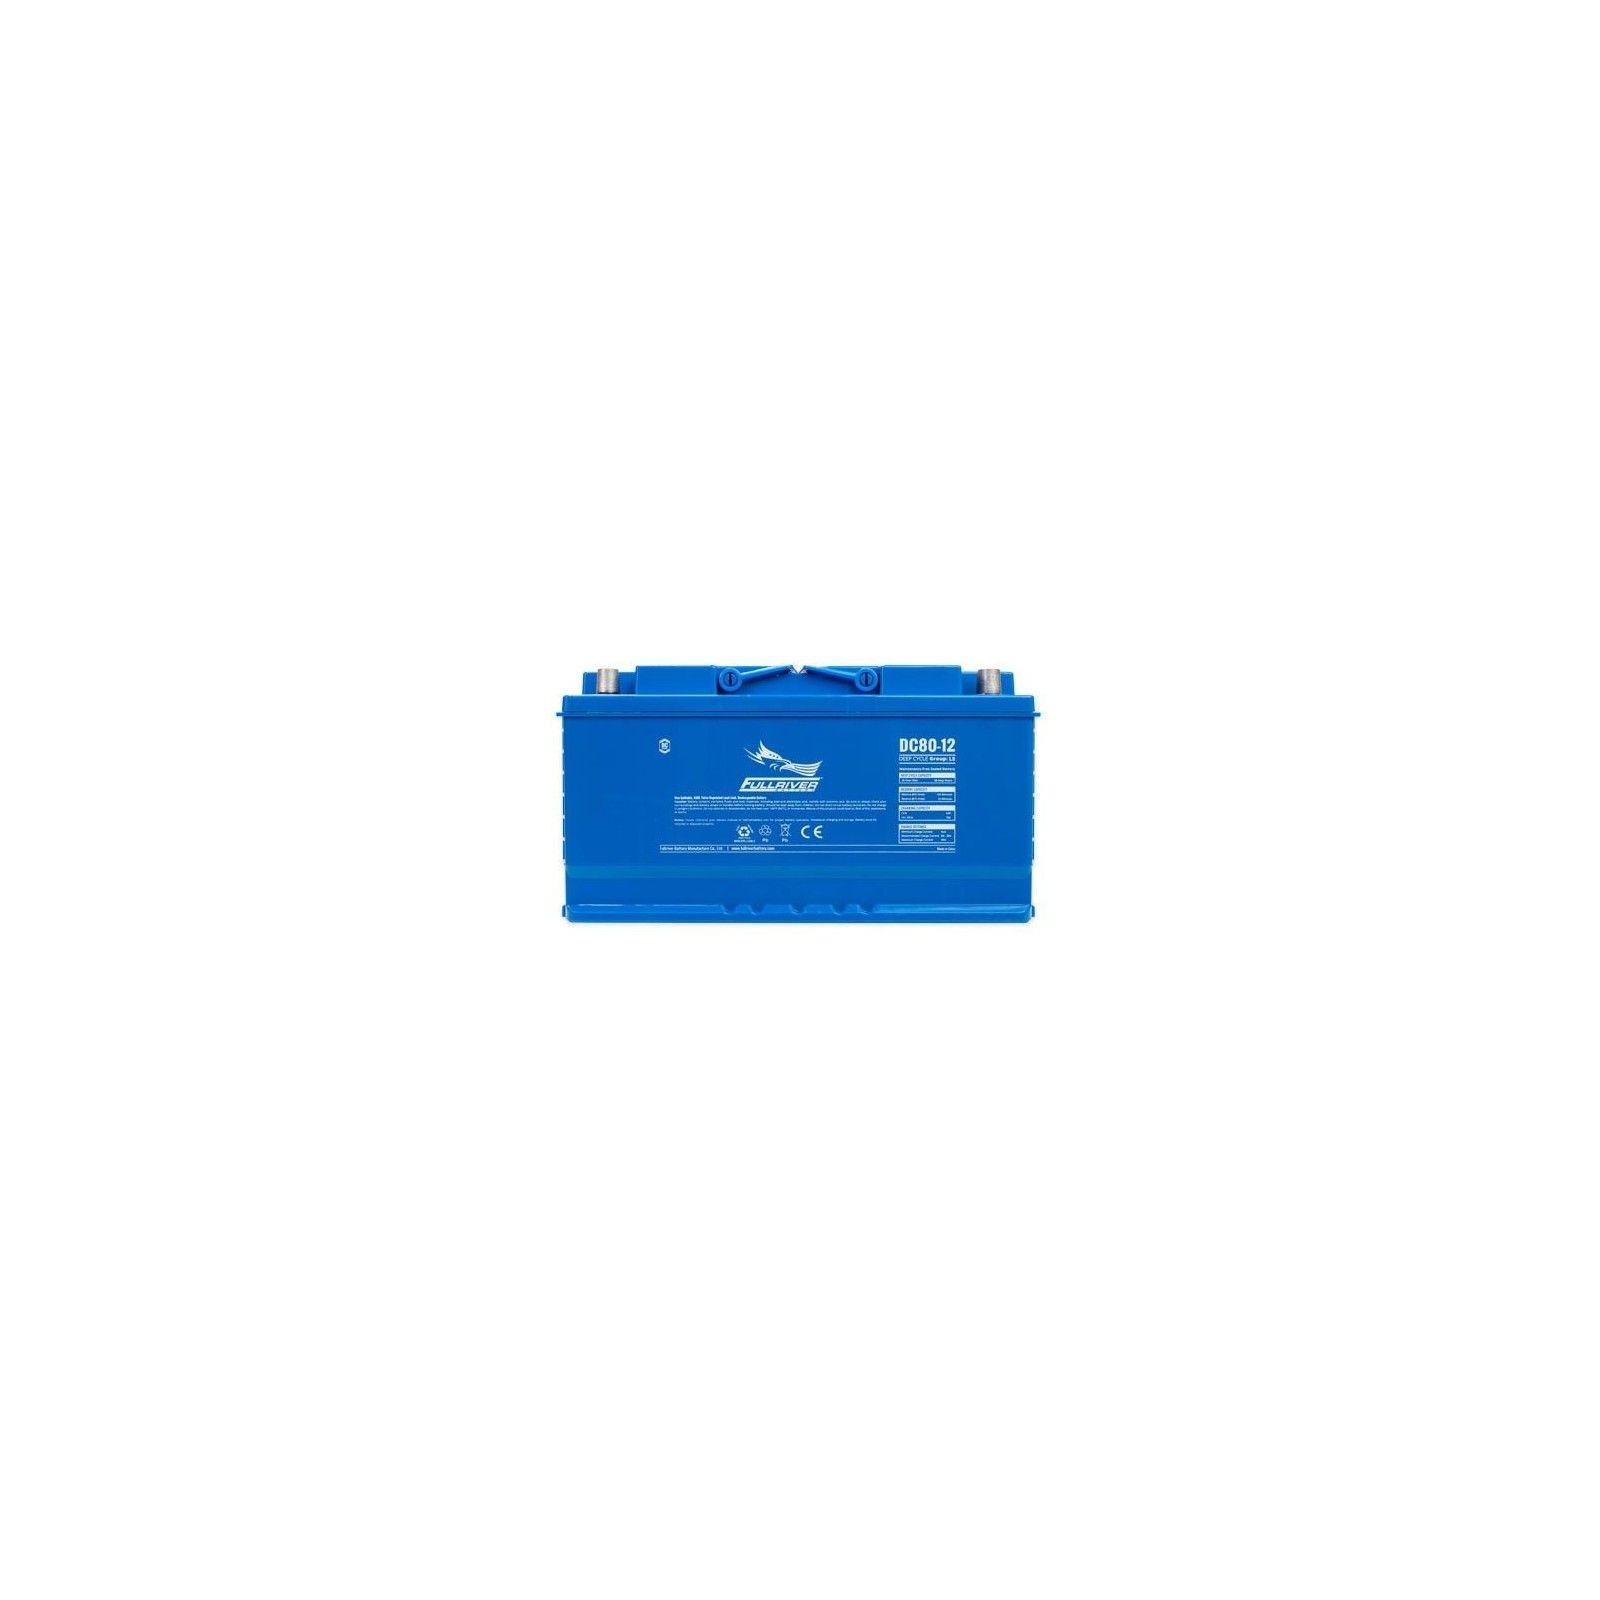 Batería Fullriver DC80-12 80Ah 630A 12V Dc FULLRIVER - 1